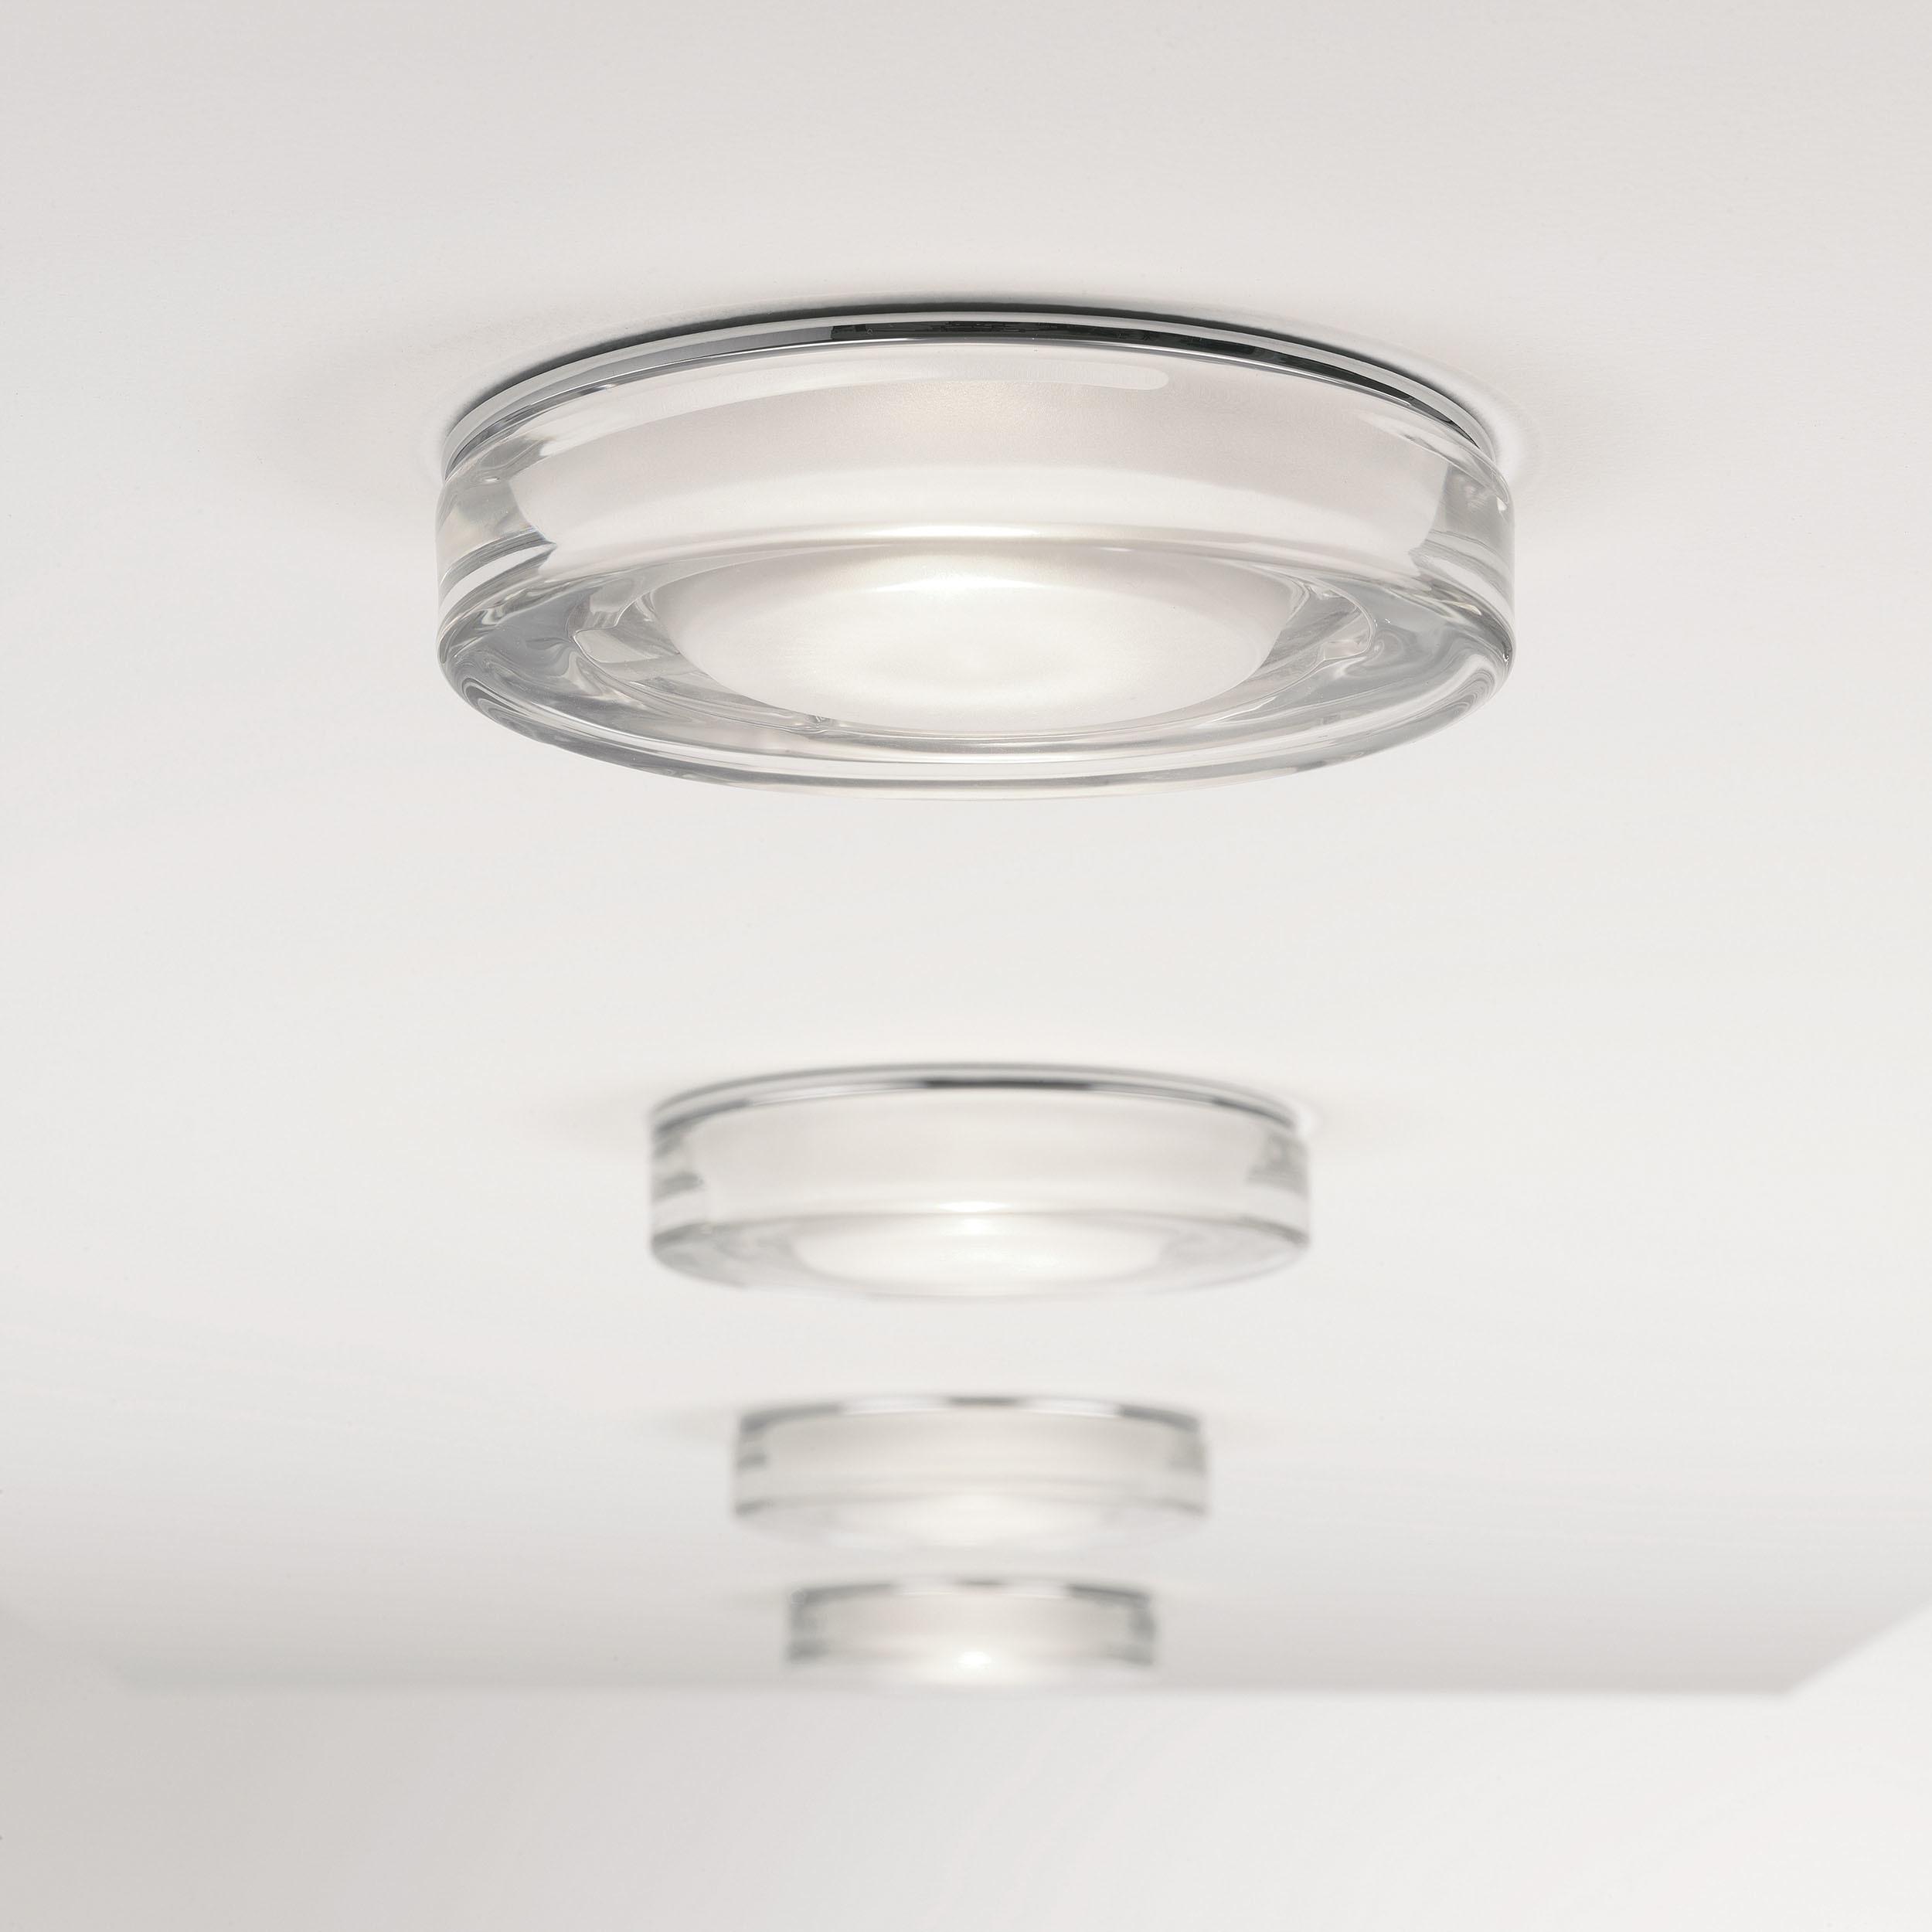 Встраиваемый светильник Astro Vancouver 1229003 (5518), IP65, 1xGU10x50W, прозрачный, стекло - фото 2